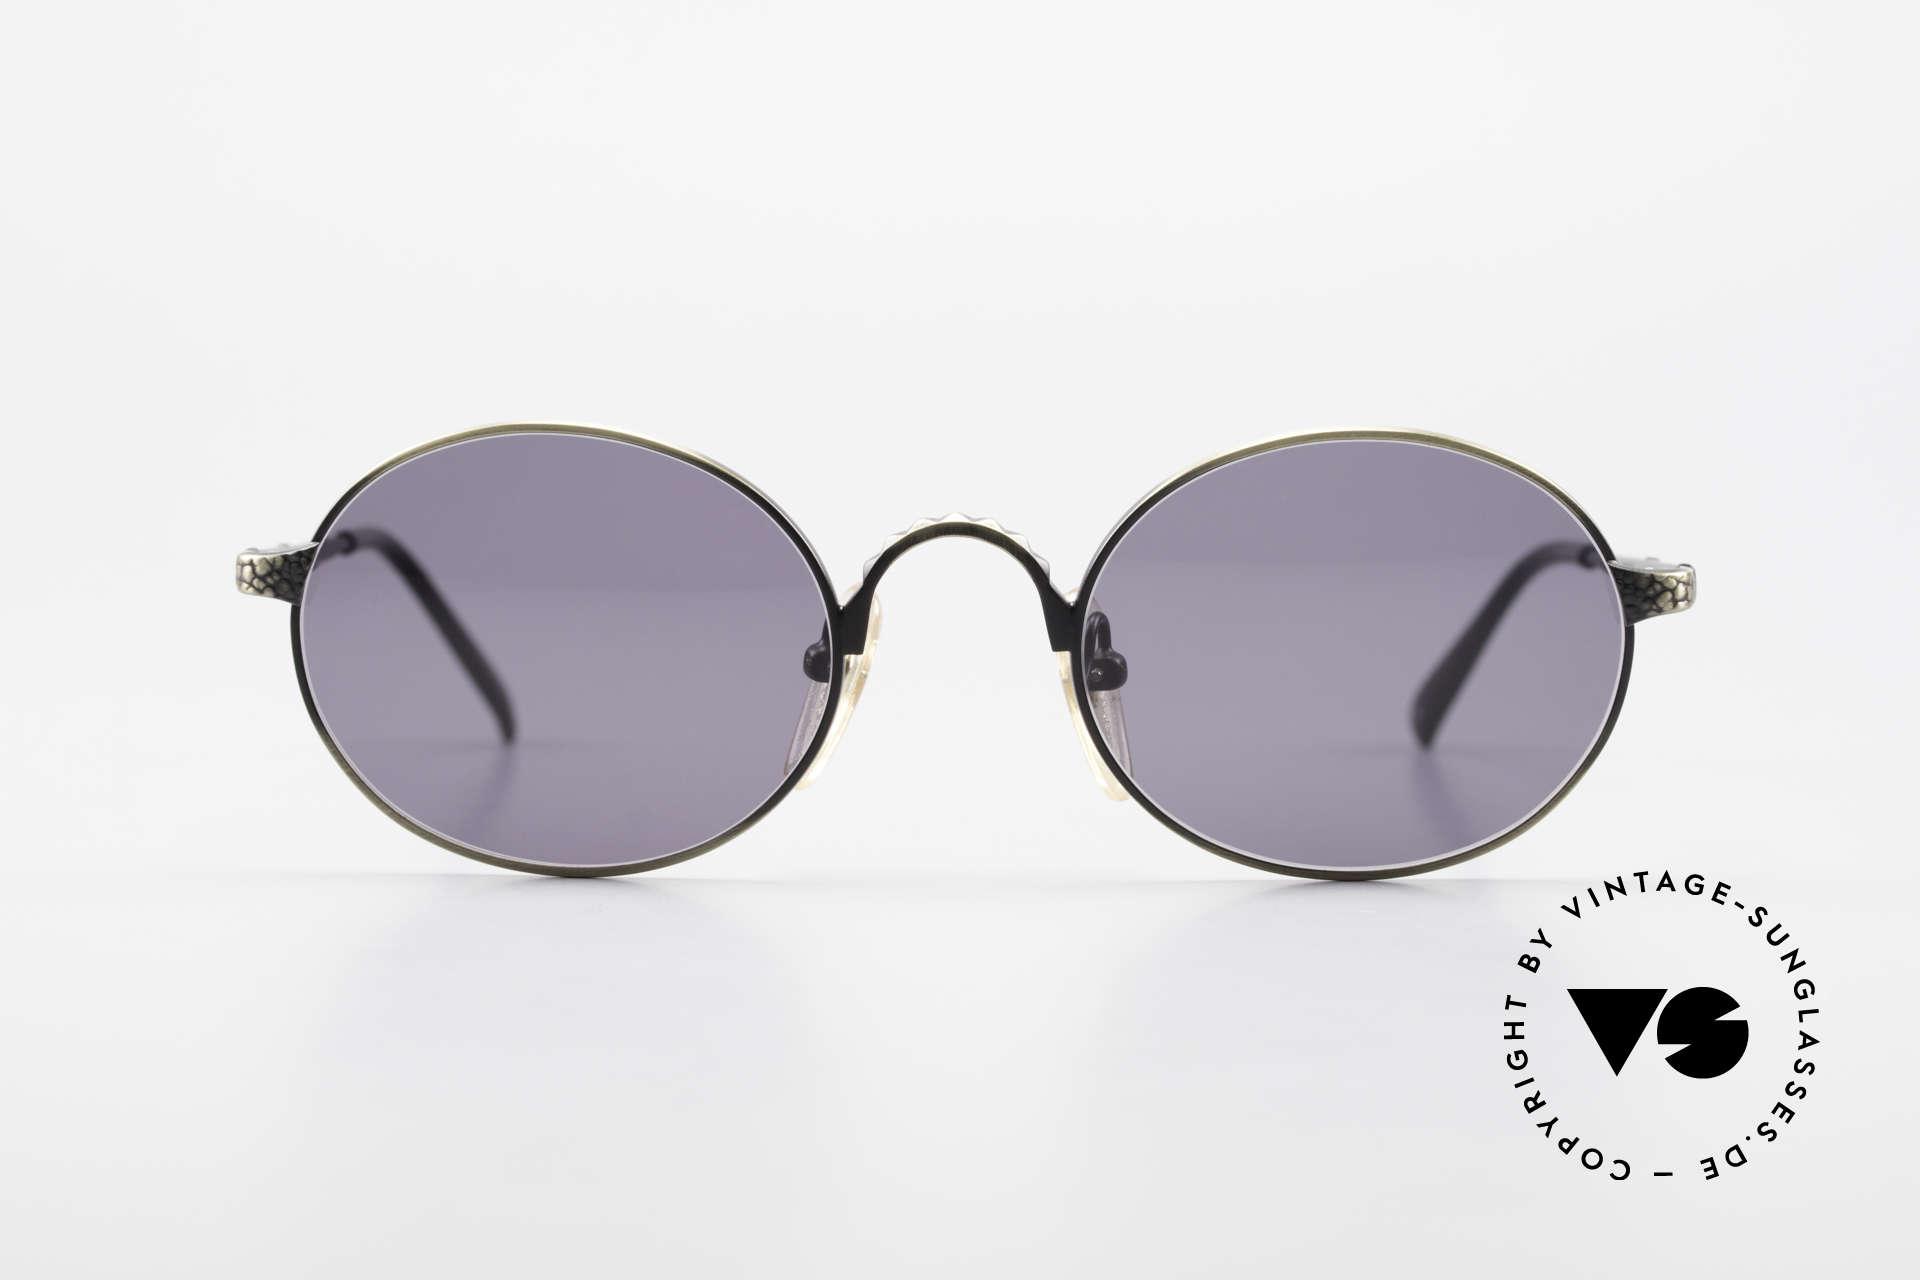 Jean Paul Gaultier 55-9672 Ovale 90er JPG Sonnenbrille, enorm hochwertige Fassung mit kleinen Gravuren, Passend für Herren und Damen